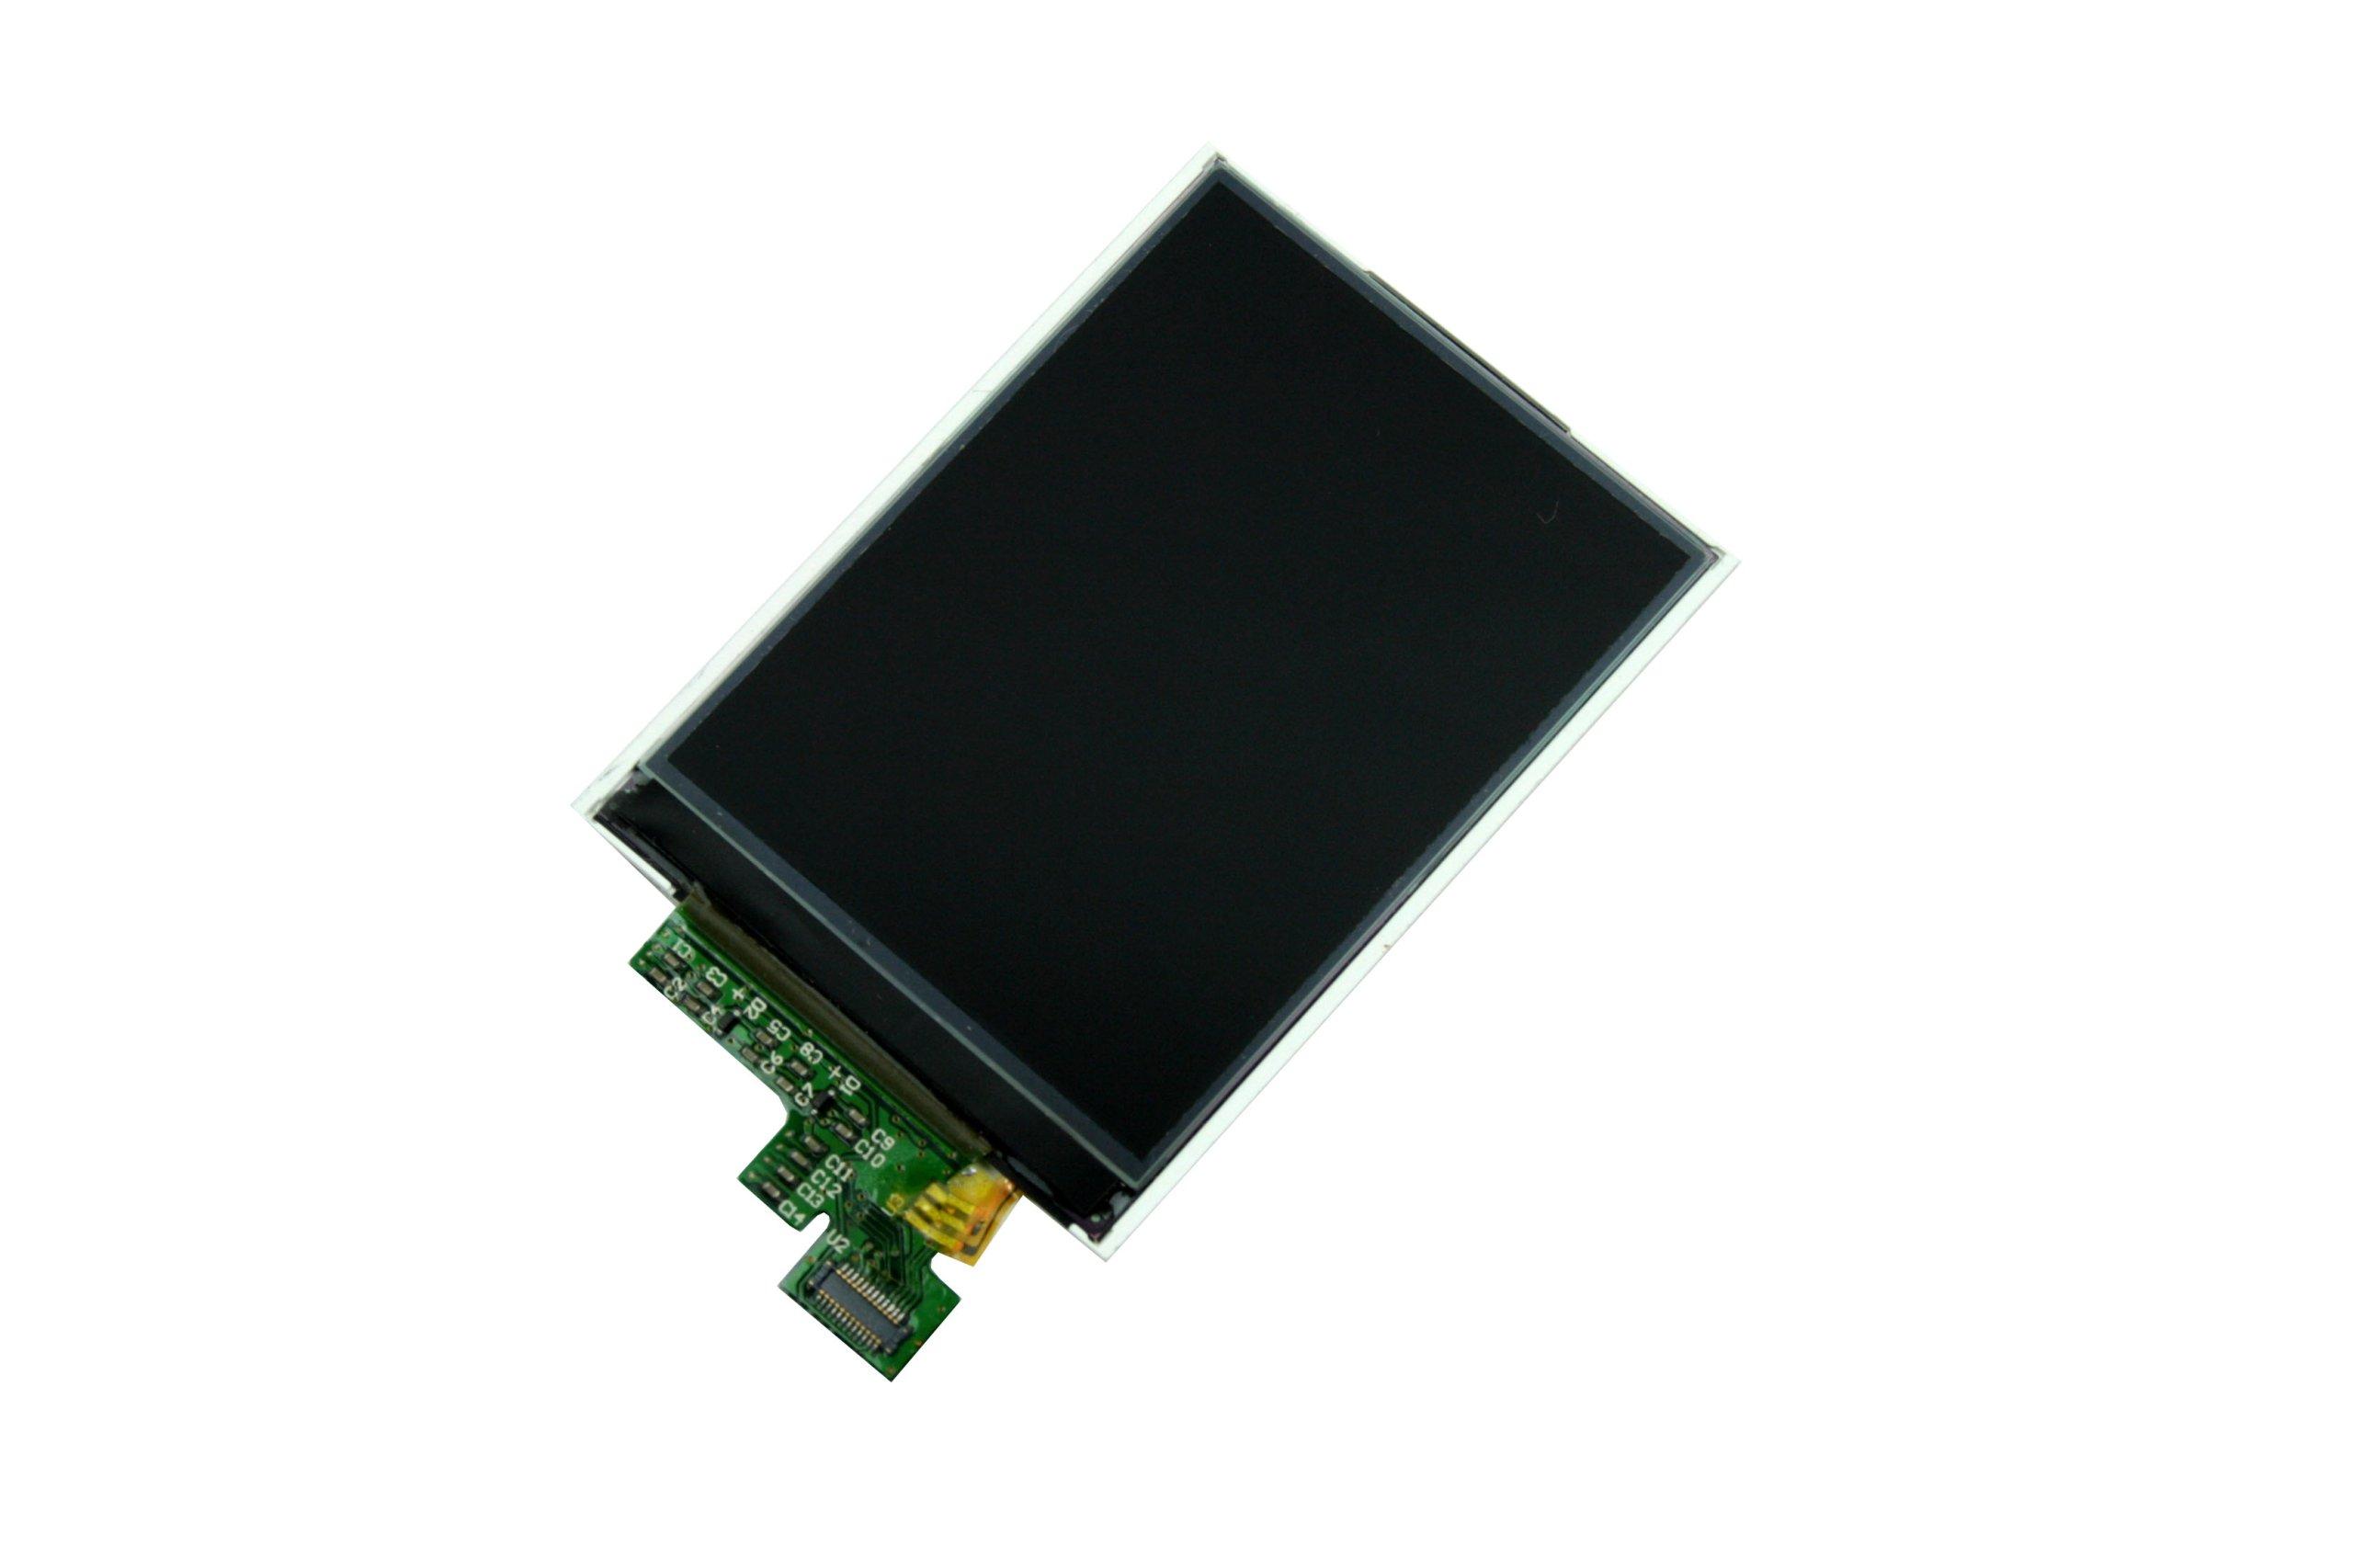 NOWY LCD WYŚWIETLACZ SONY ERICSSON C903 C903c